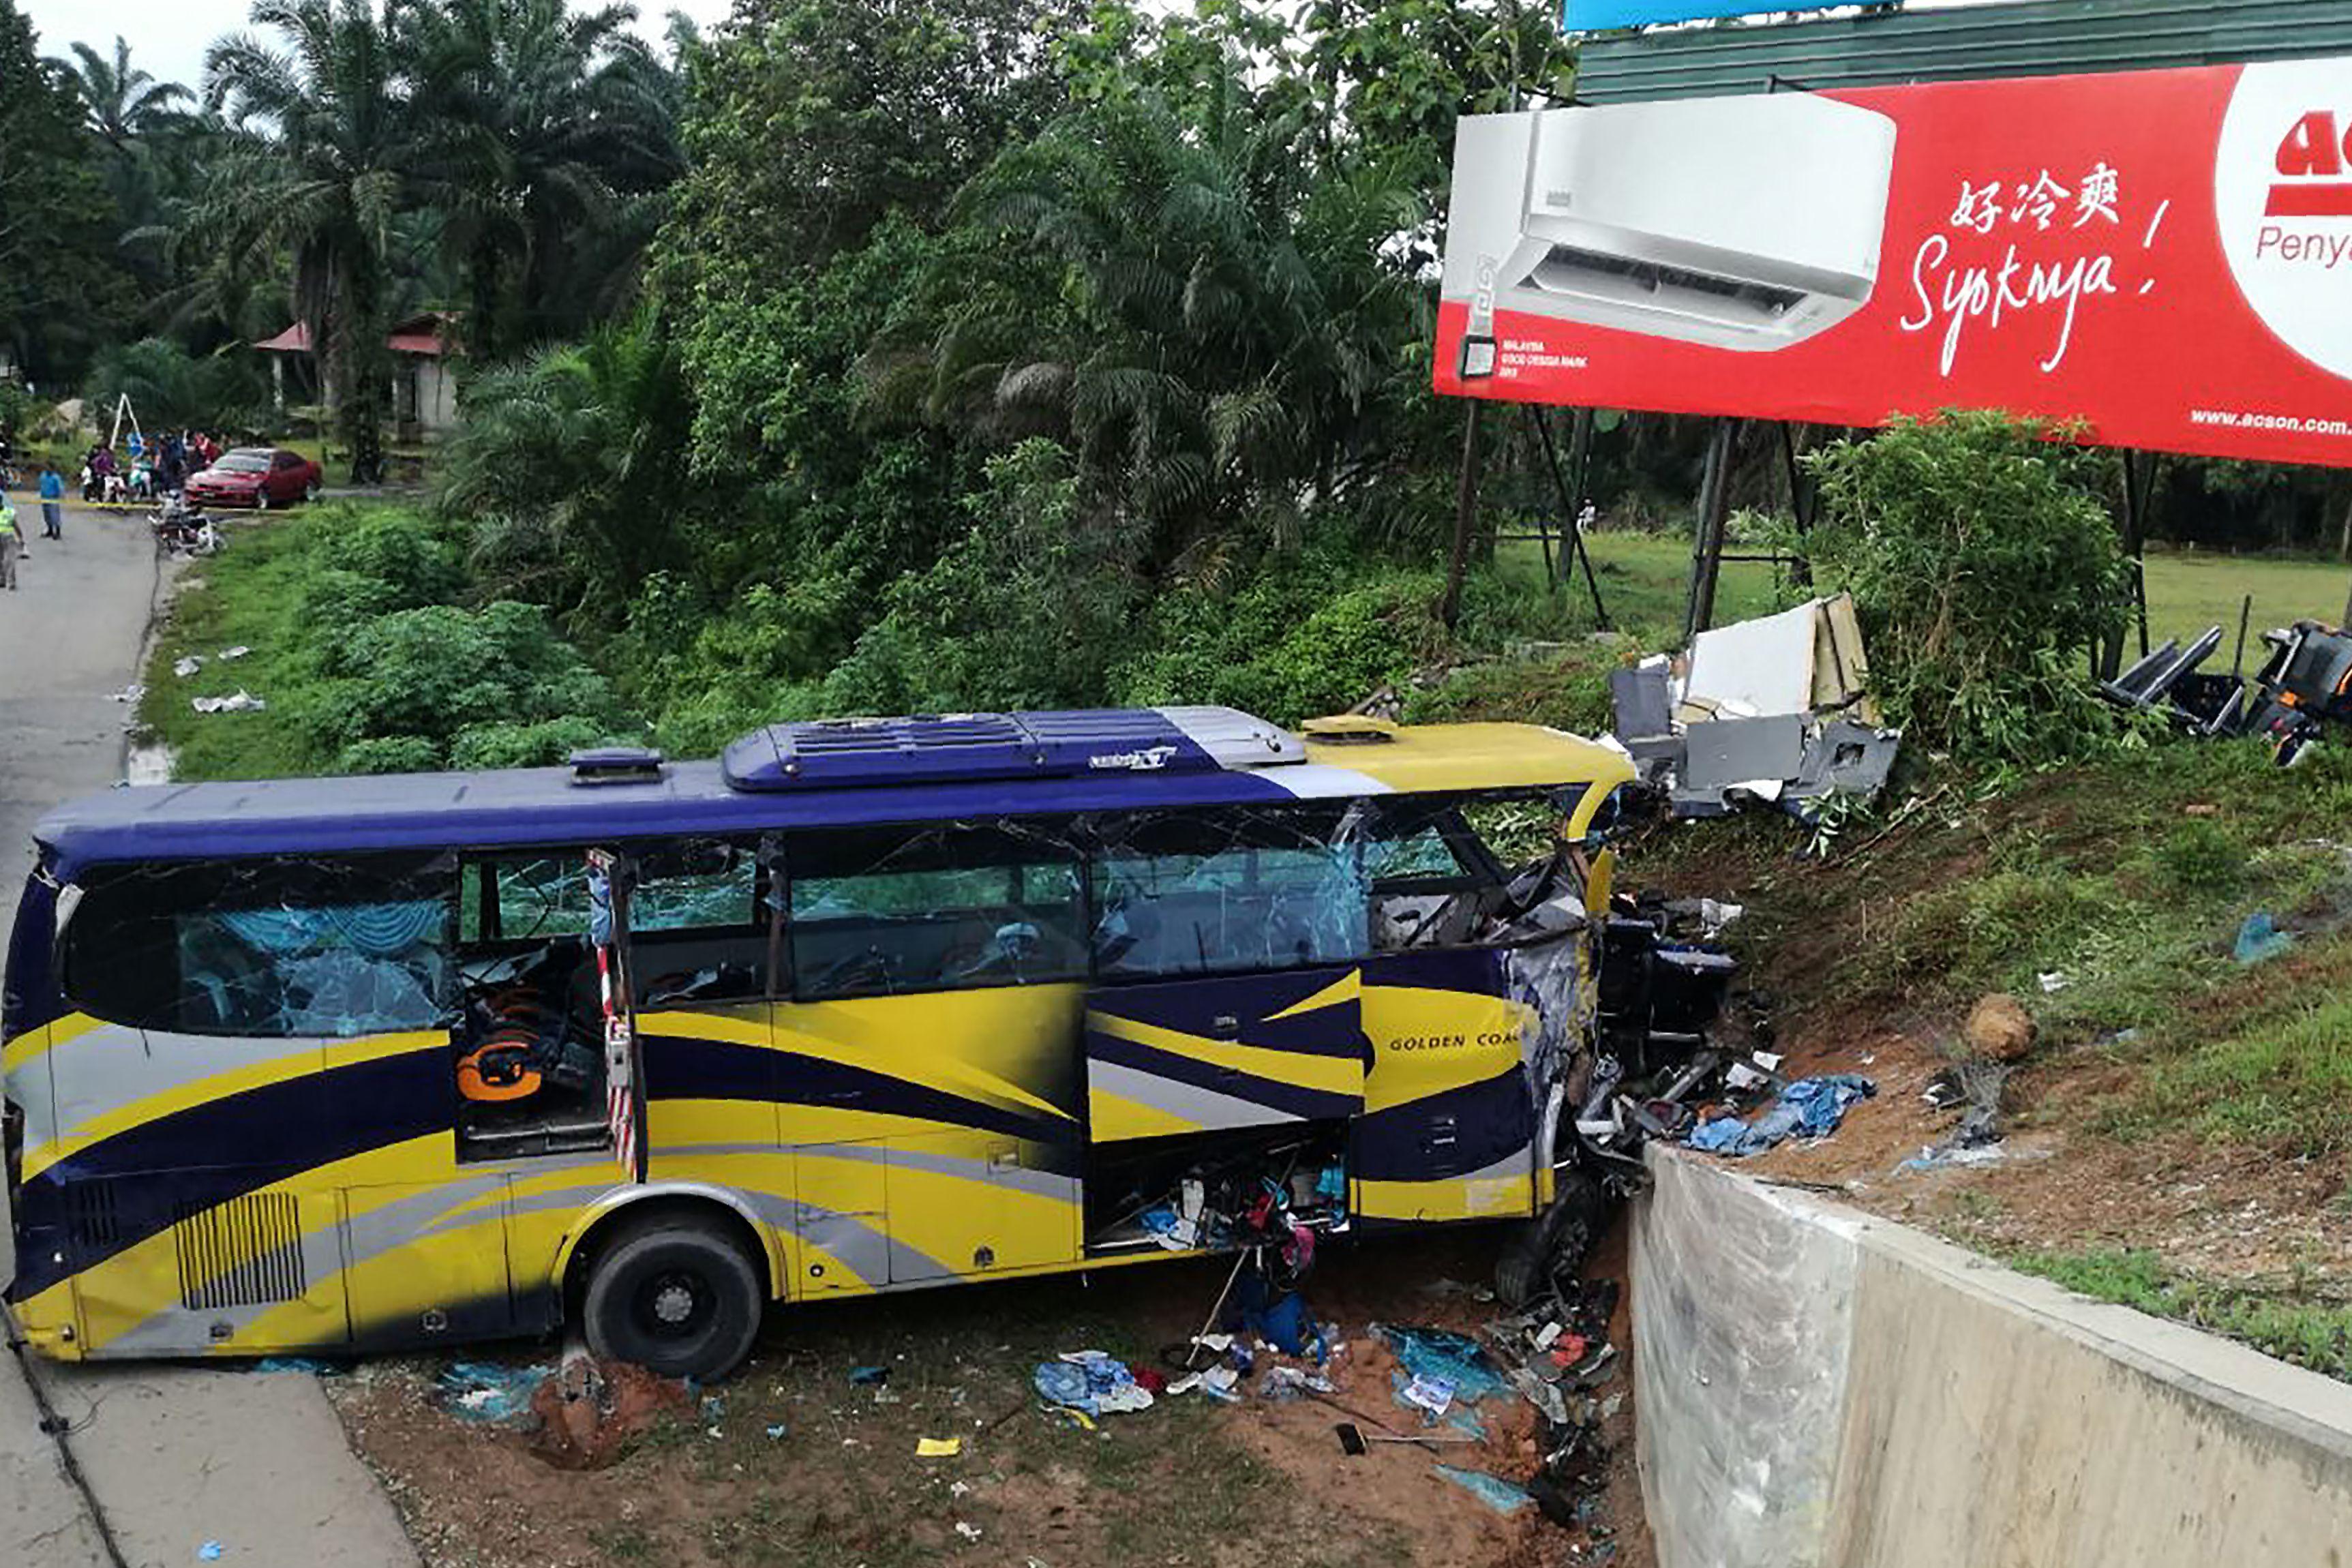 ارتفاع حصيلة ضحايا حادث تحطم حافلة بولاية تيلانجانا الهندية إلى 52 قتيلًا